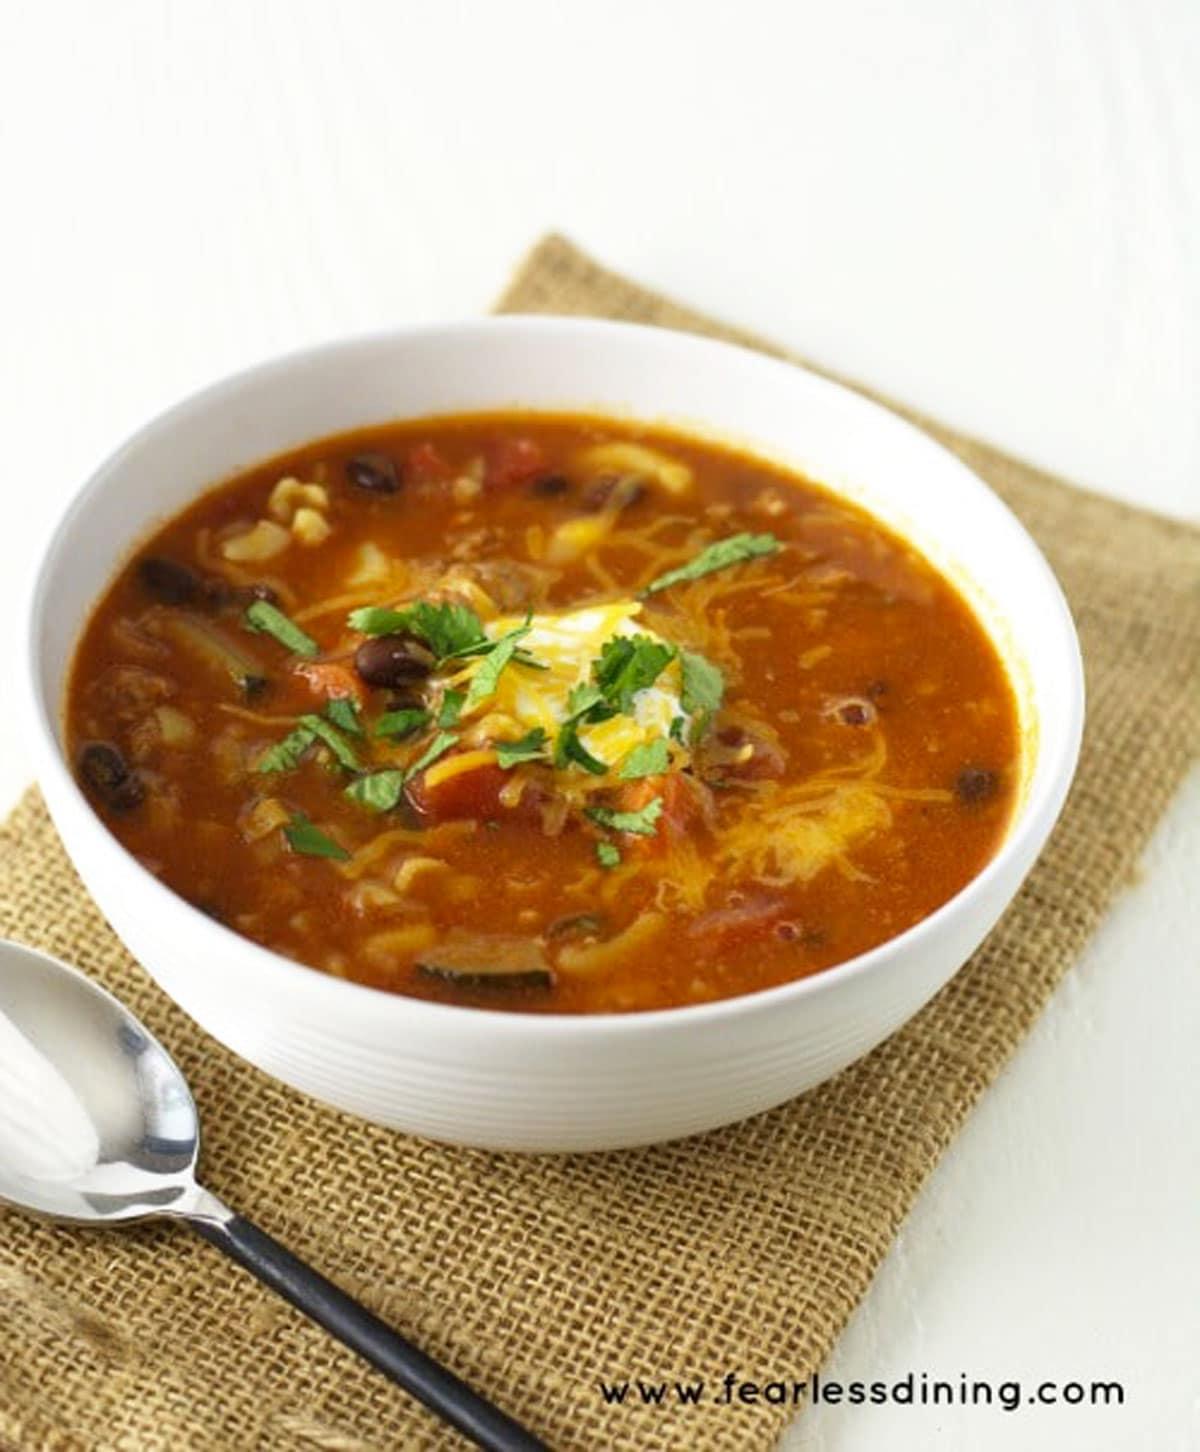 a bowl of ground pork soup